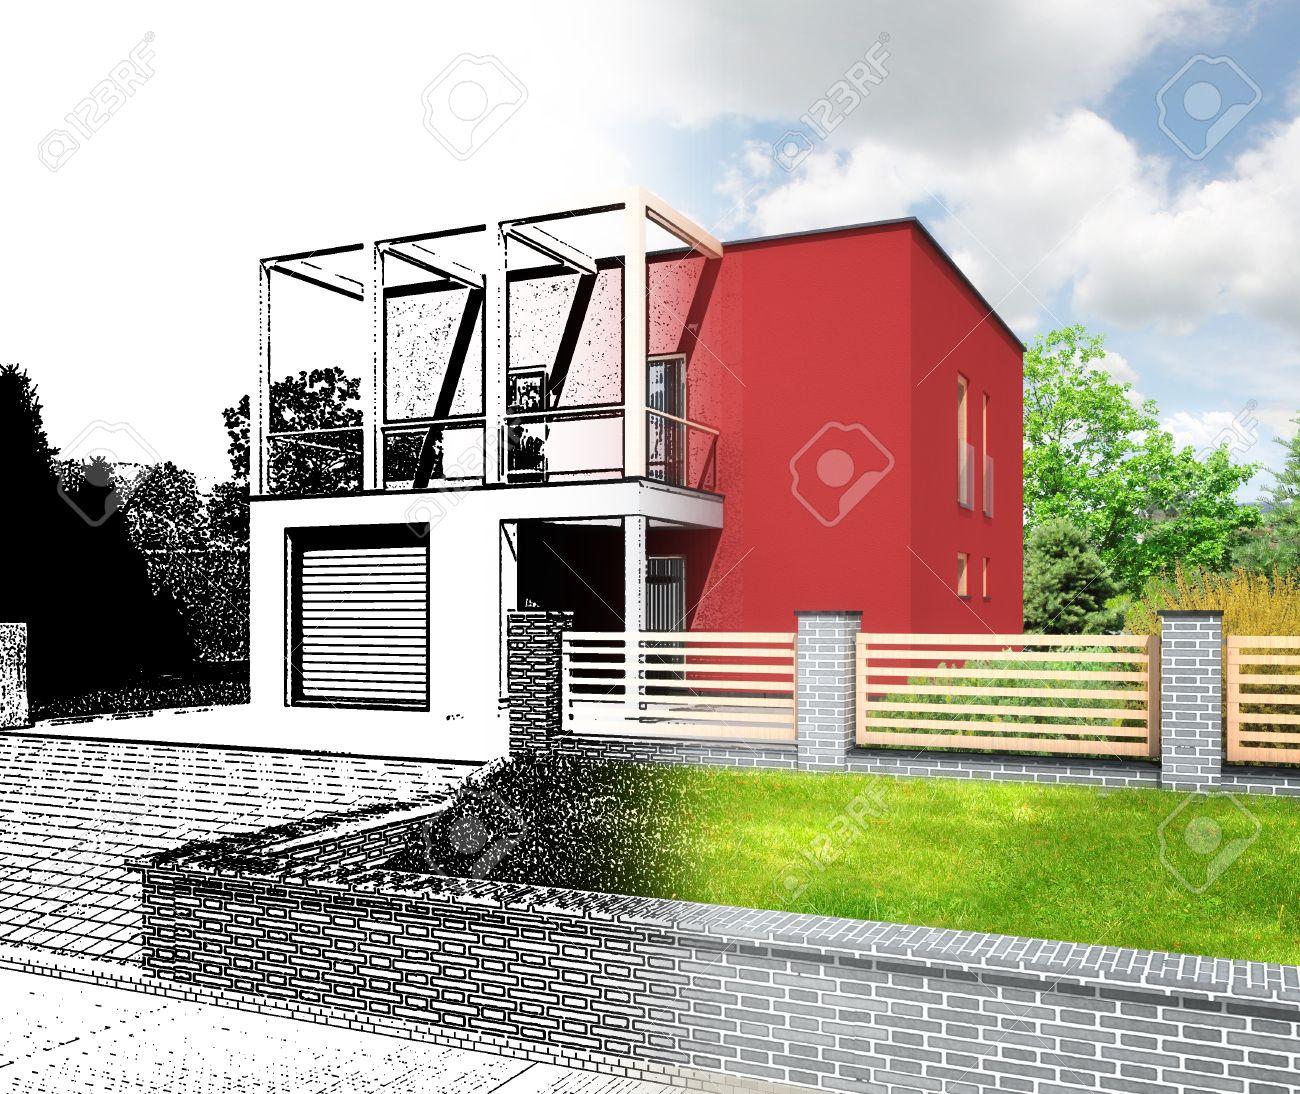 Visualizzazione architettonica di una nuova casa moderna ...